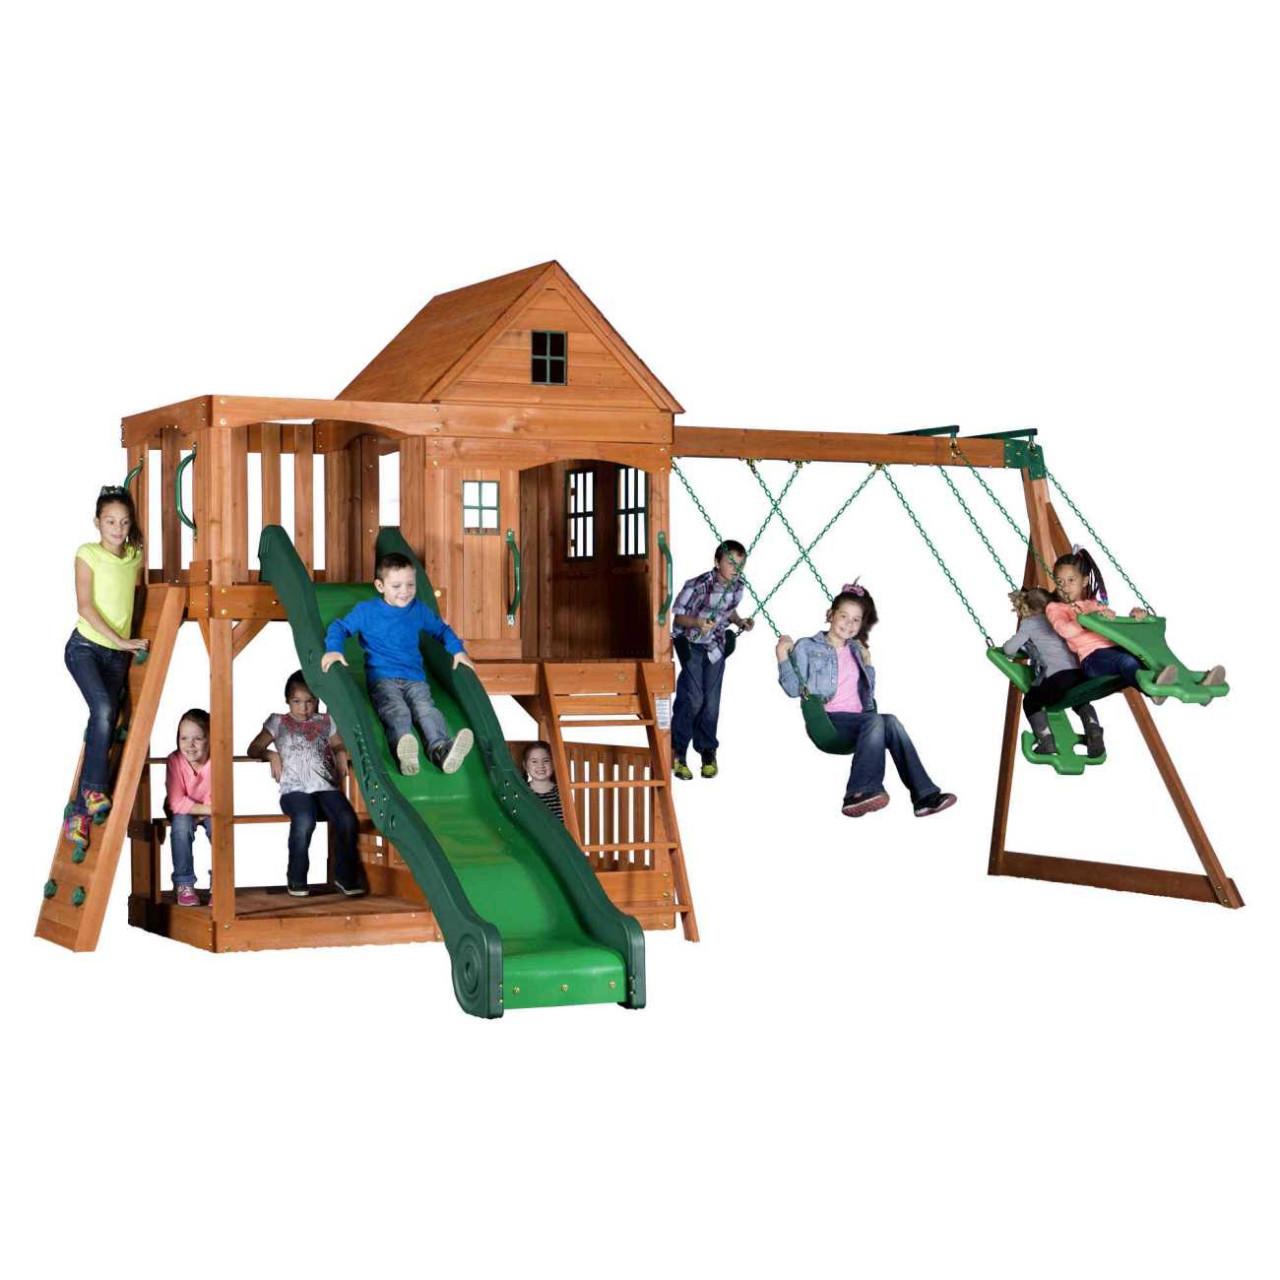 Spielturm Hill Crest von Backyard